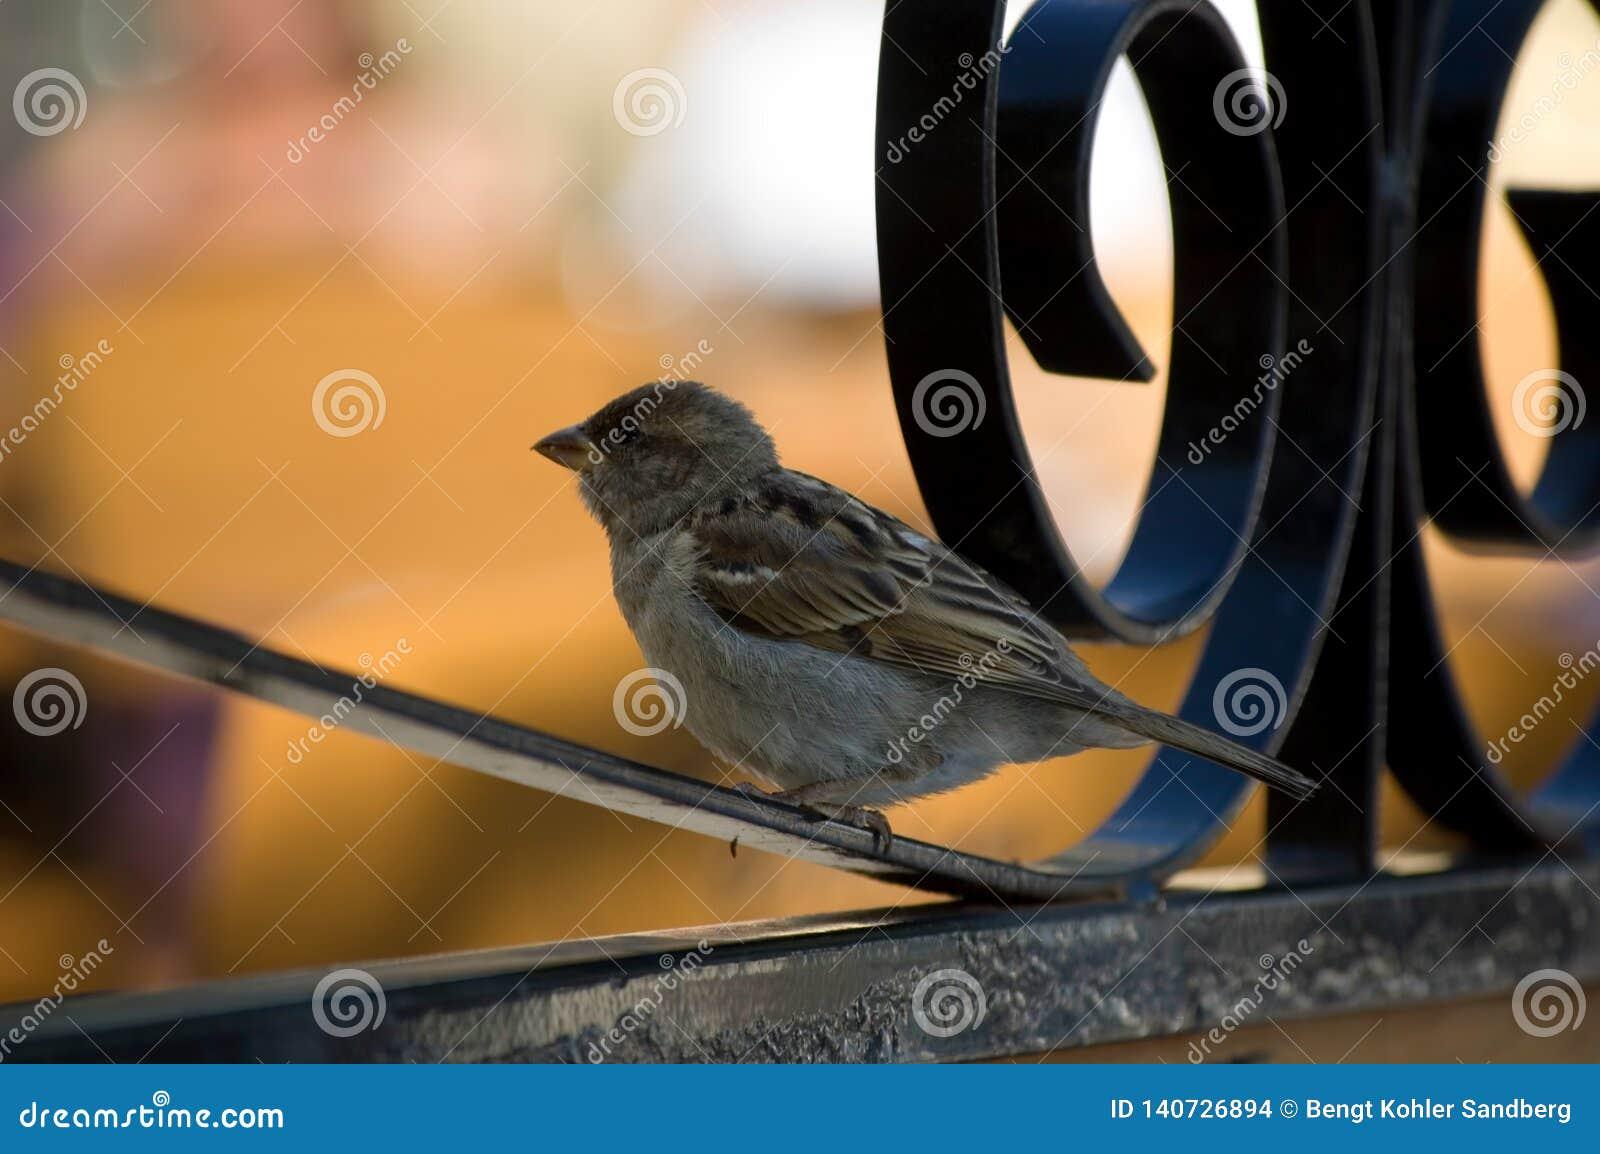 Petit oiseau se reposant sur une barrière